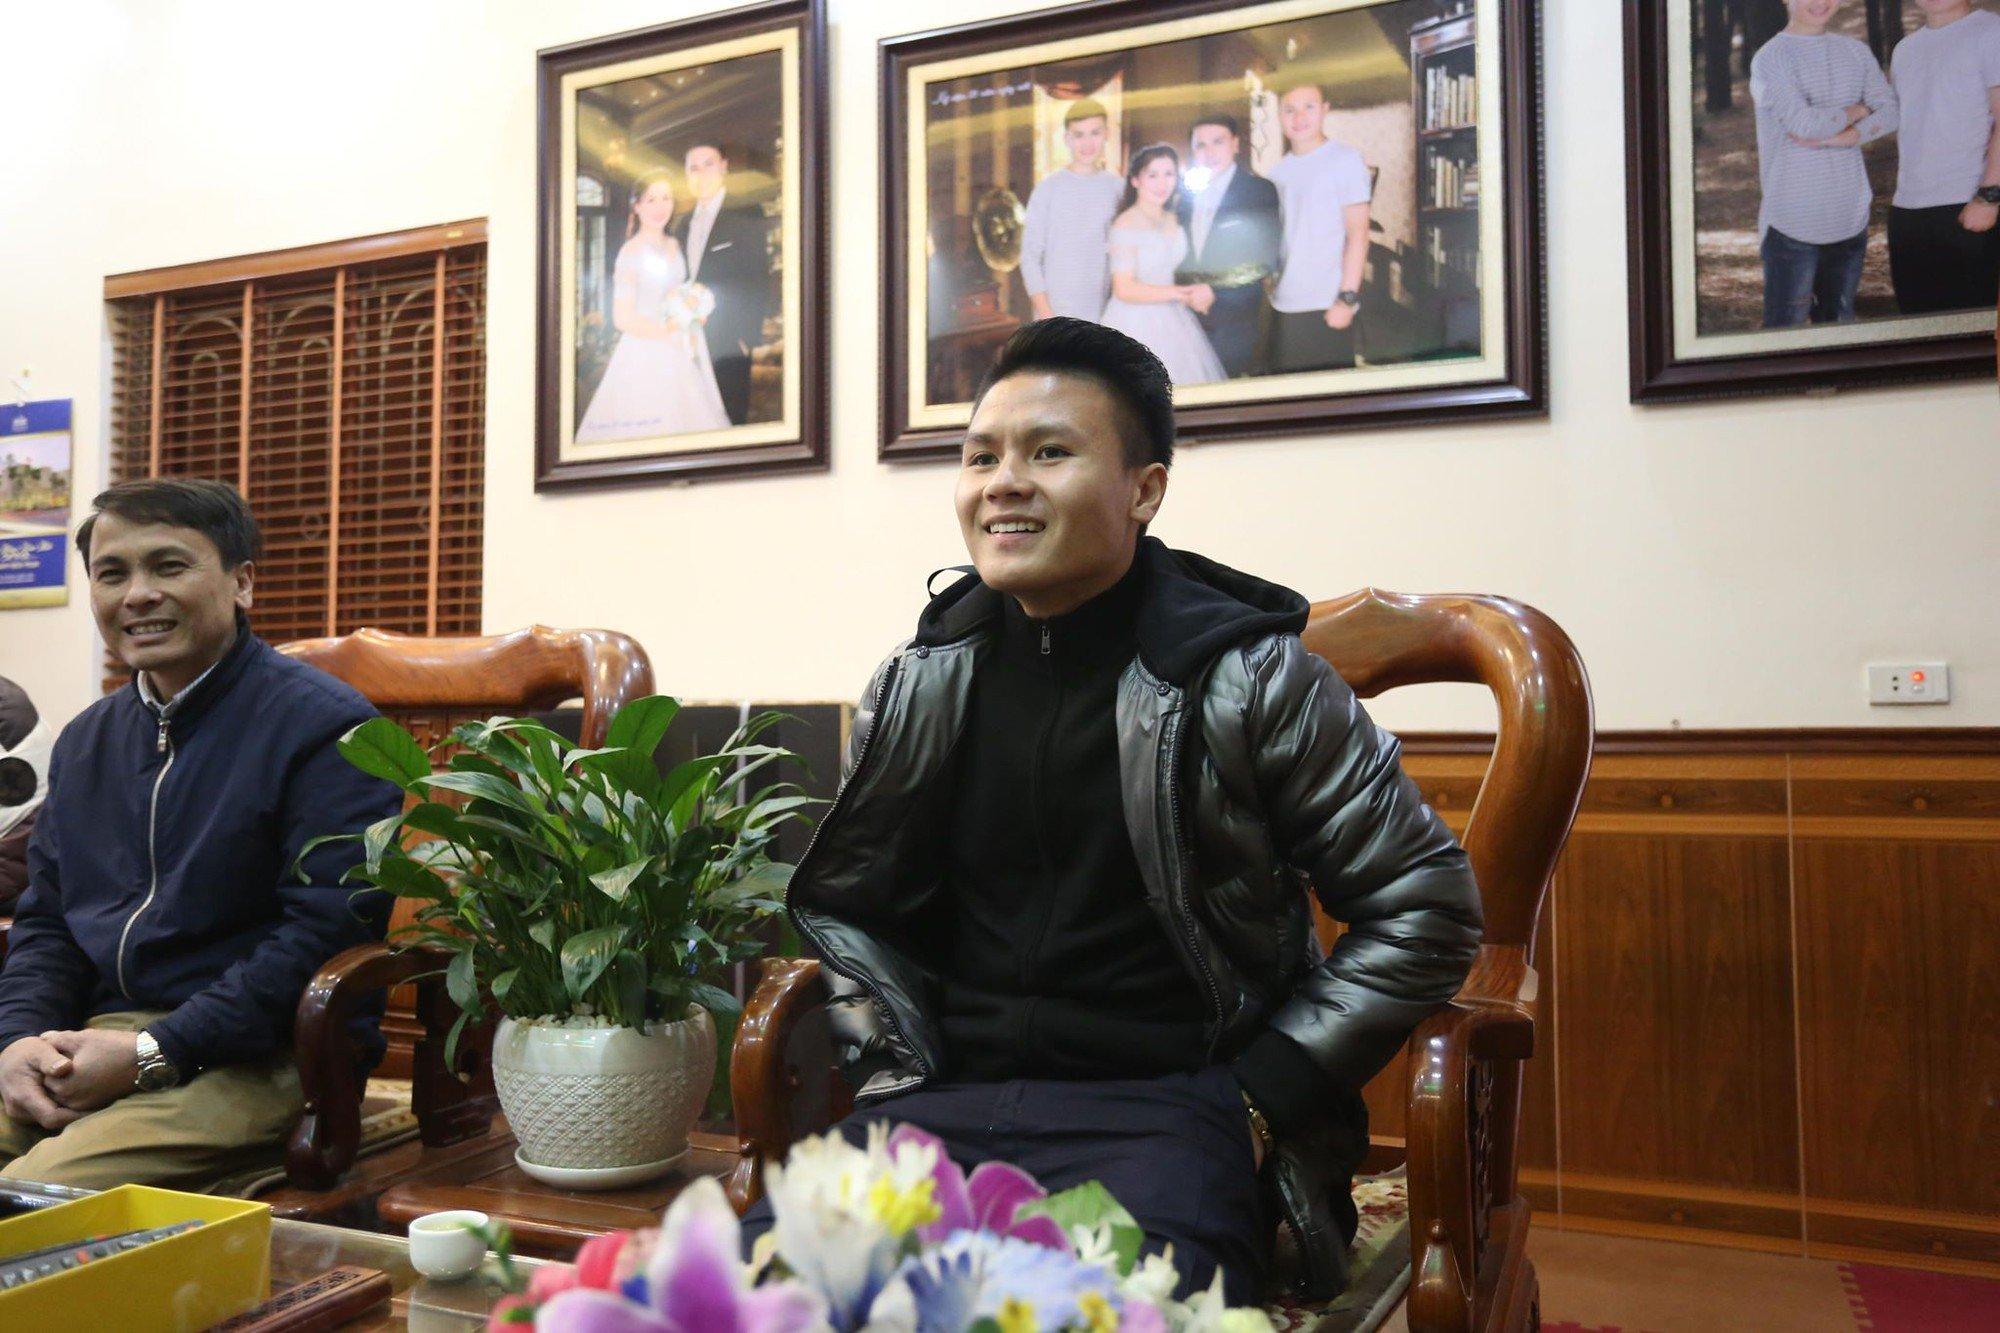 CẬN CẢNH: Những hình ảnh đón Tết cực kỳ ấm áp của các tuyển thủ U23 Việt Nam